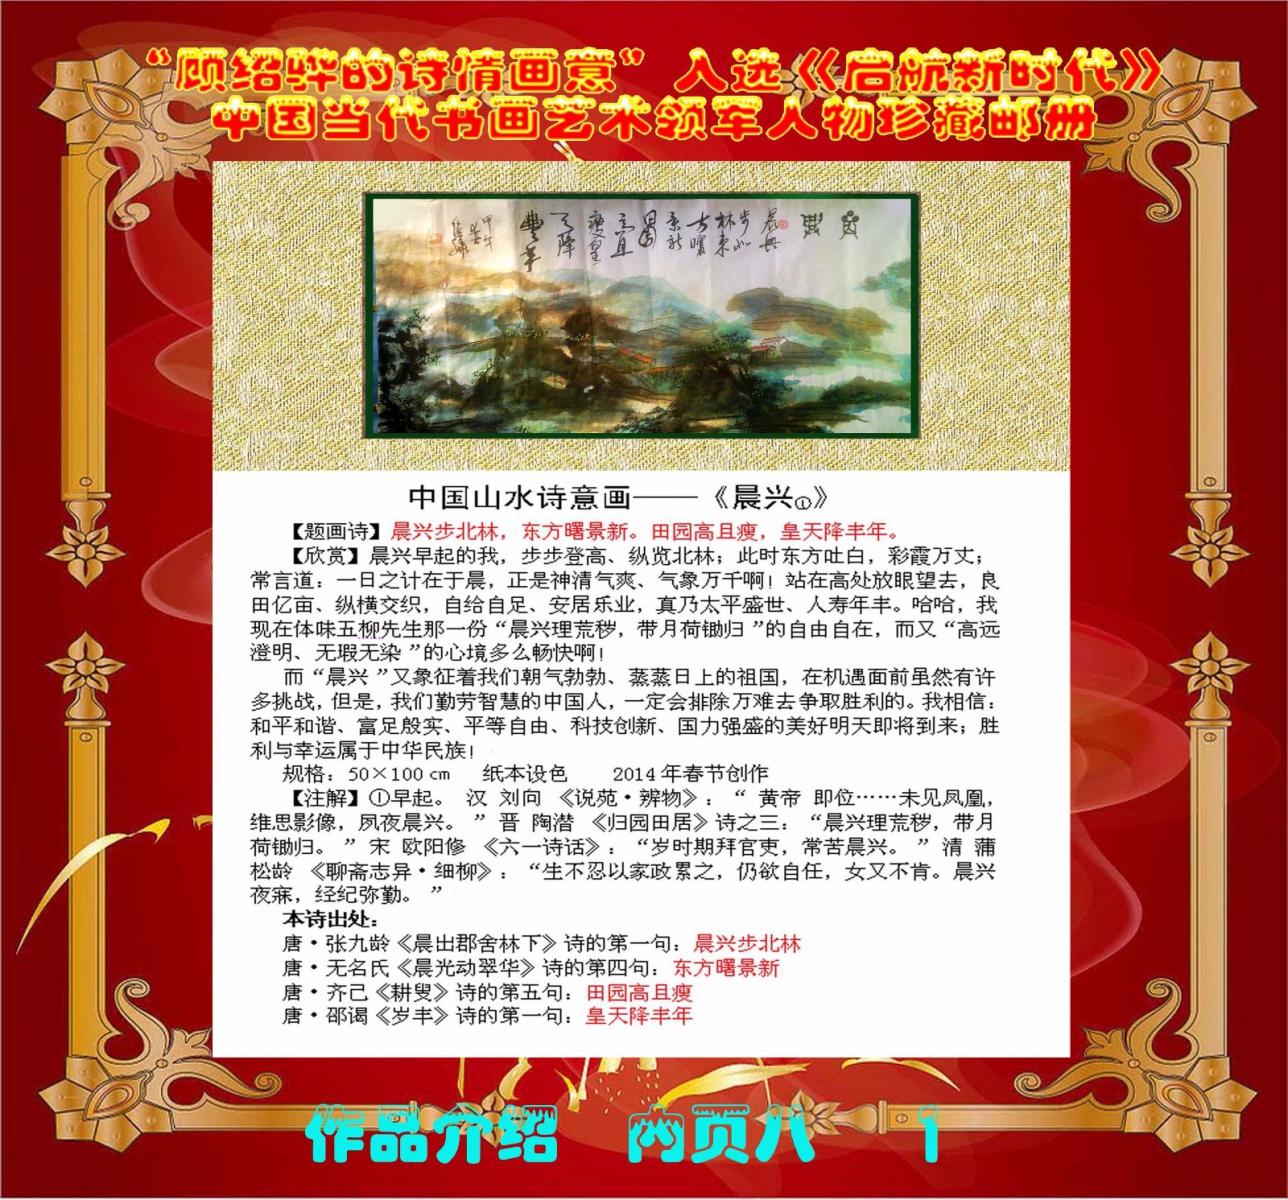 """""""顾绍骅的诗情画意""""入选《启航新时代》中国当代书画艺术领军人物珍藏集邮册 ... ..._图1-25"""